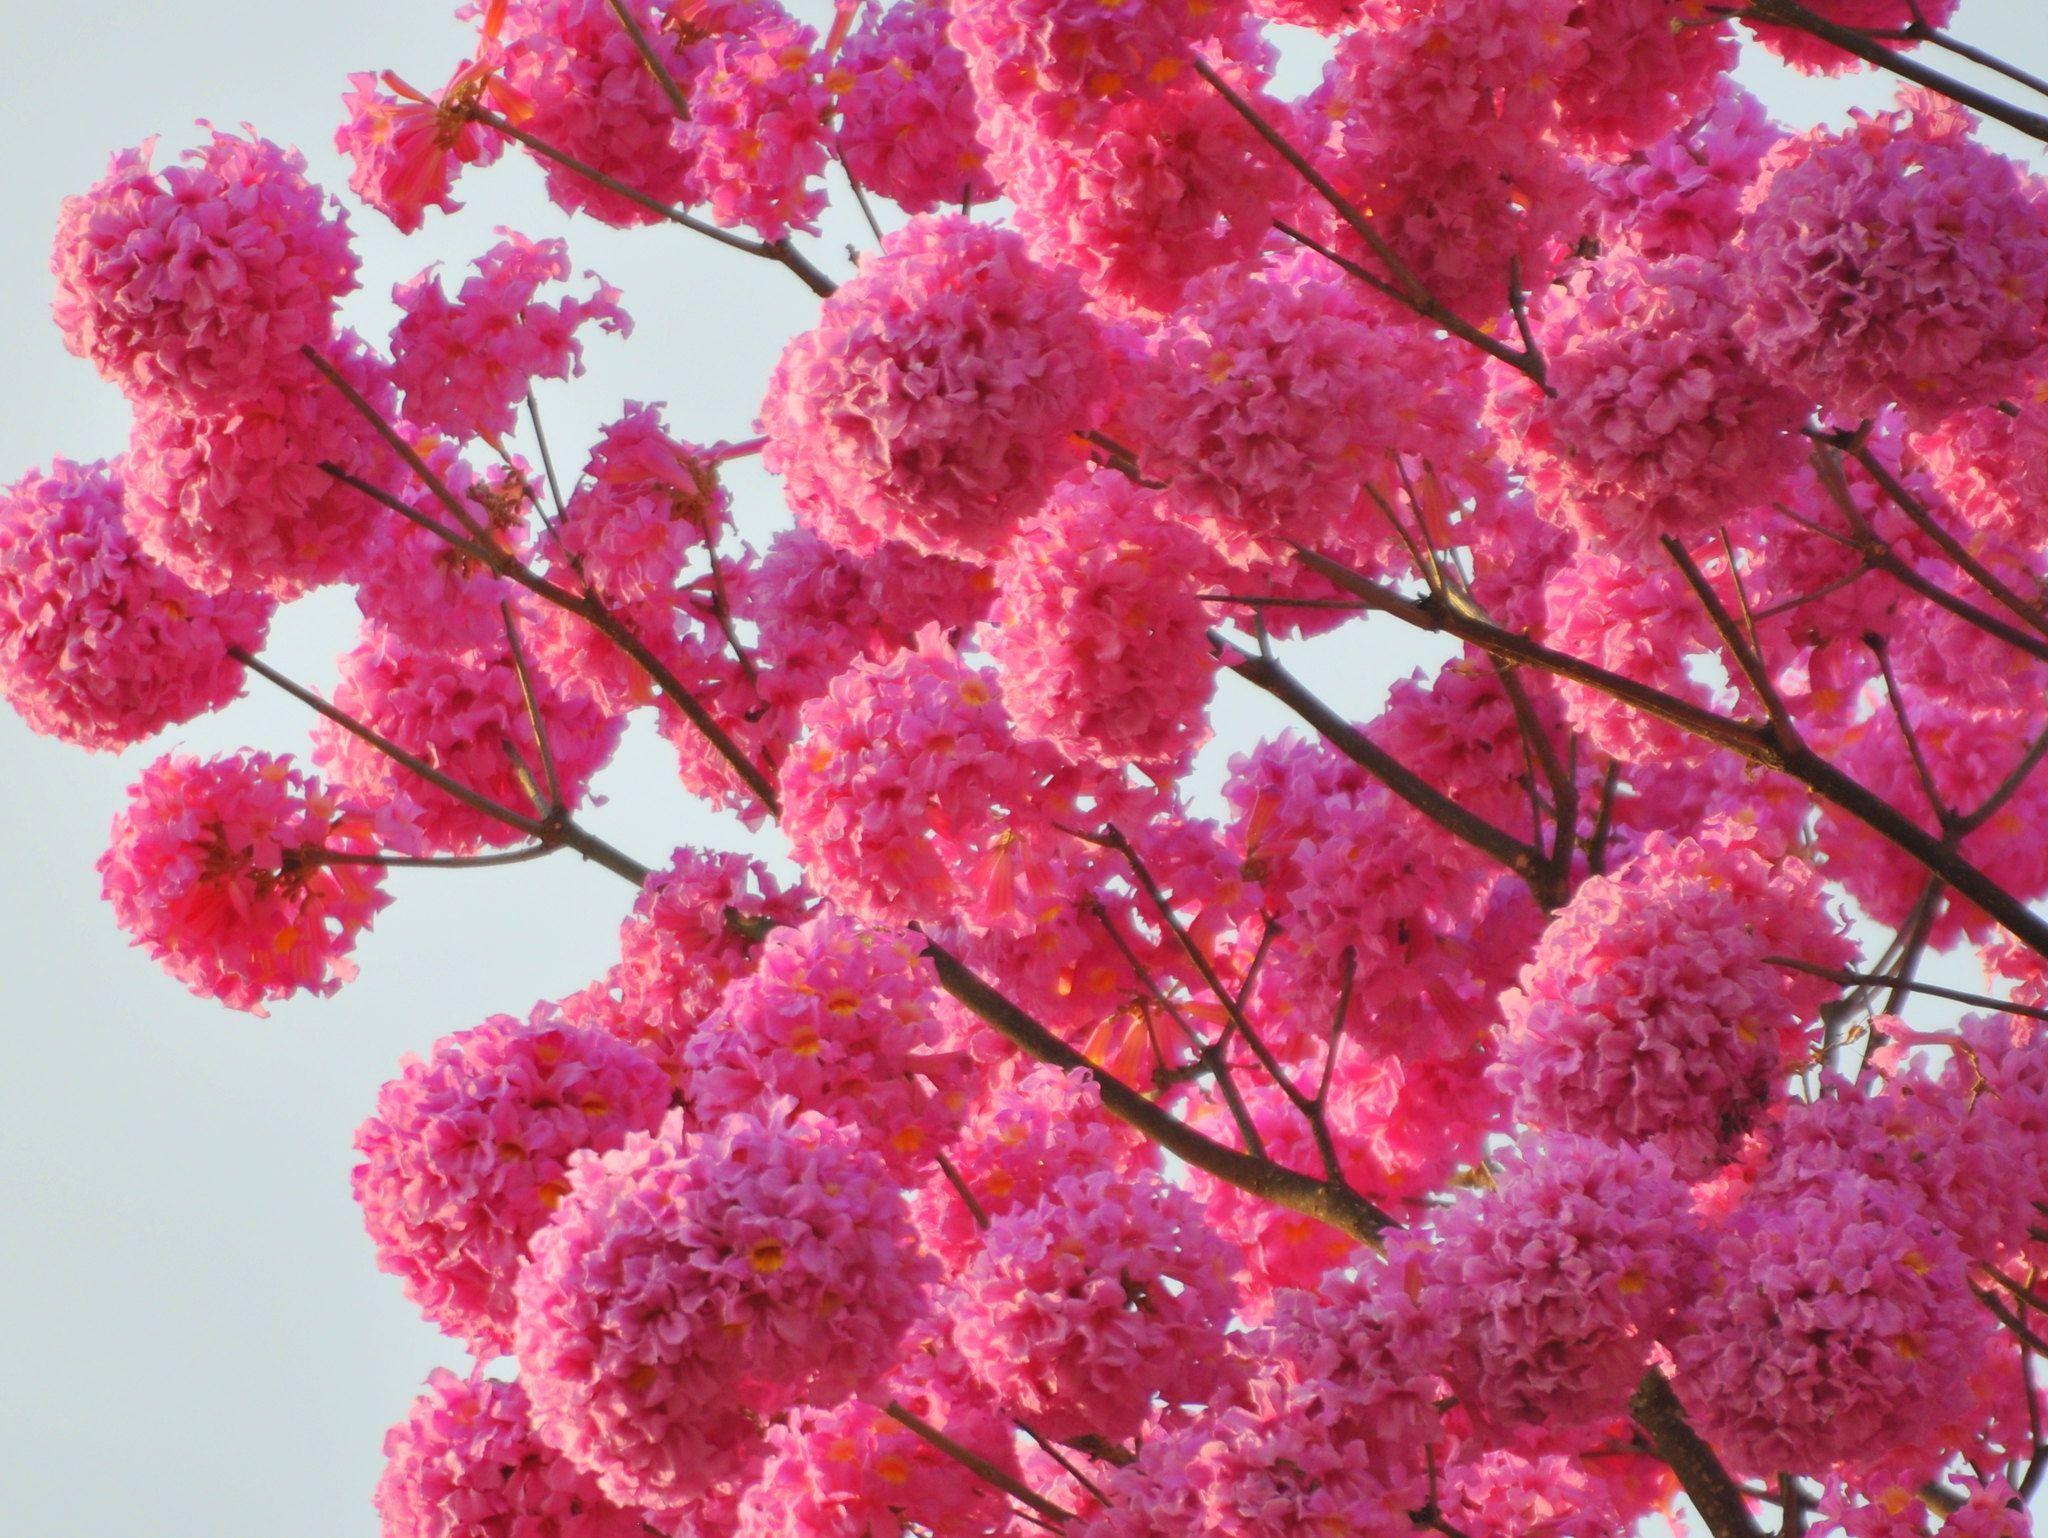 Pink Tabebuia Tabebuia Avellanedae In Full Bloom Trees To Plant Flowering Trees Bloom